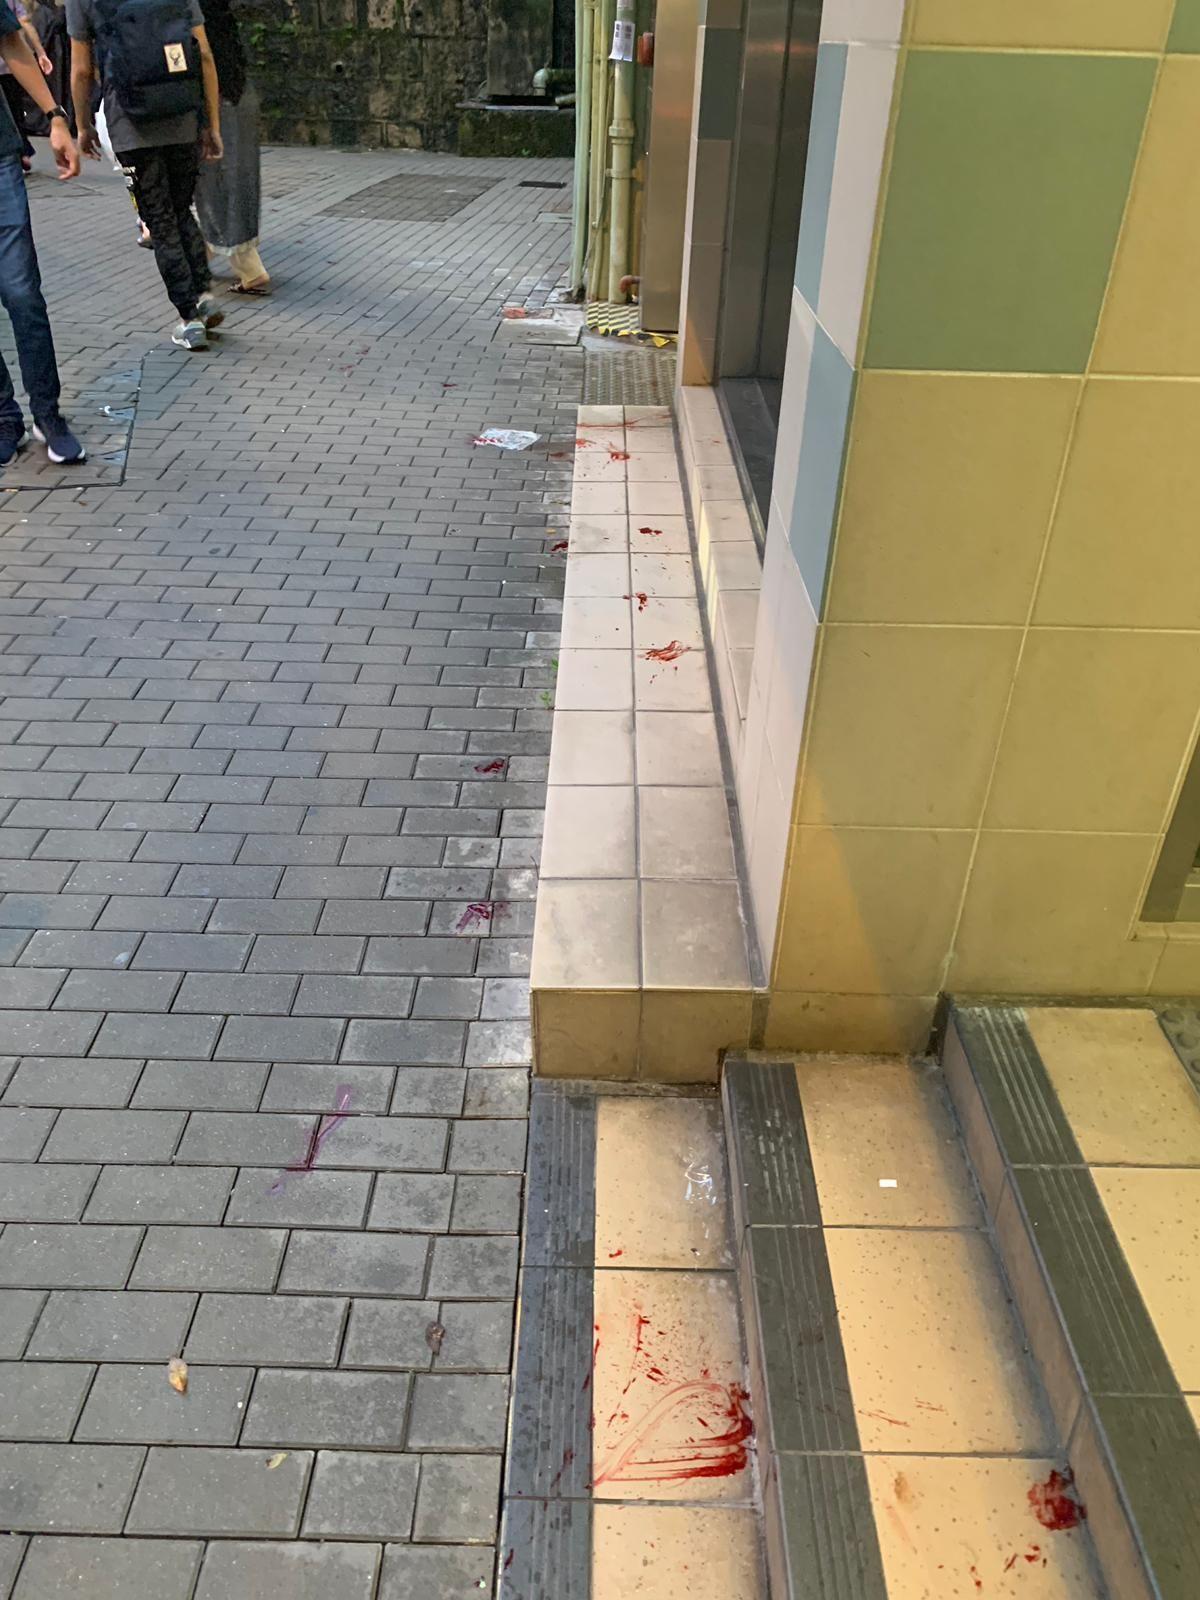 在港鐵站至加惠民道地下亦有血跡出現。讀者提供圖片